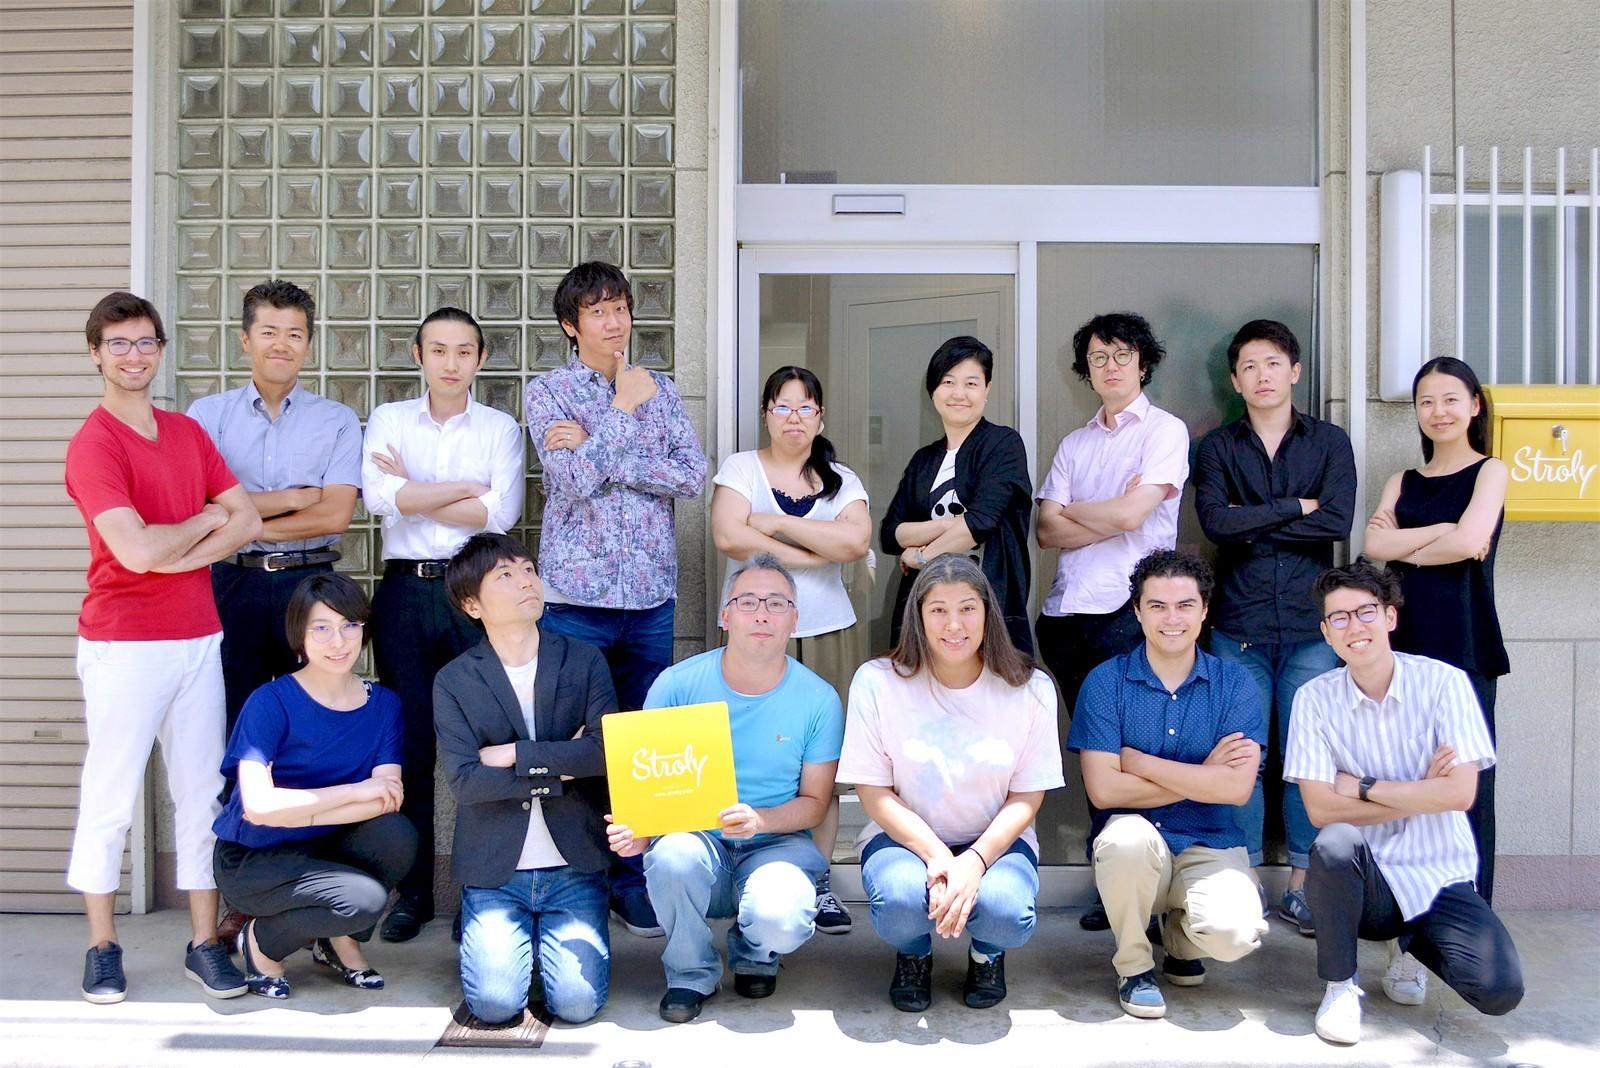 SXSWピッチ2019に登壇!オンライン地図プラットフォームStroly開発のテックリードエンジニアを募集(京都勤務)